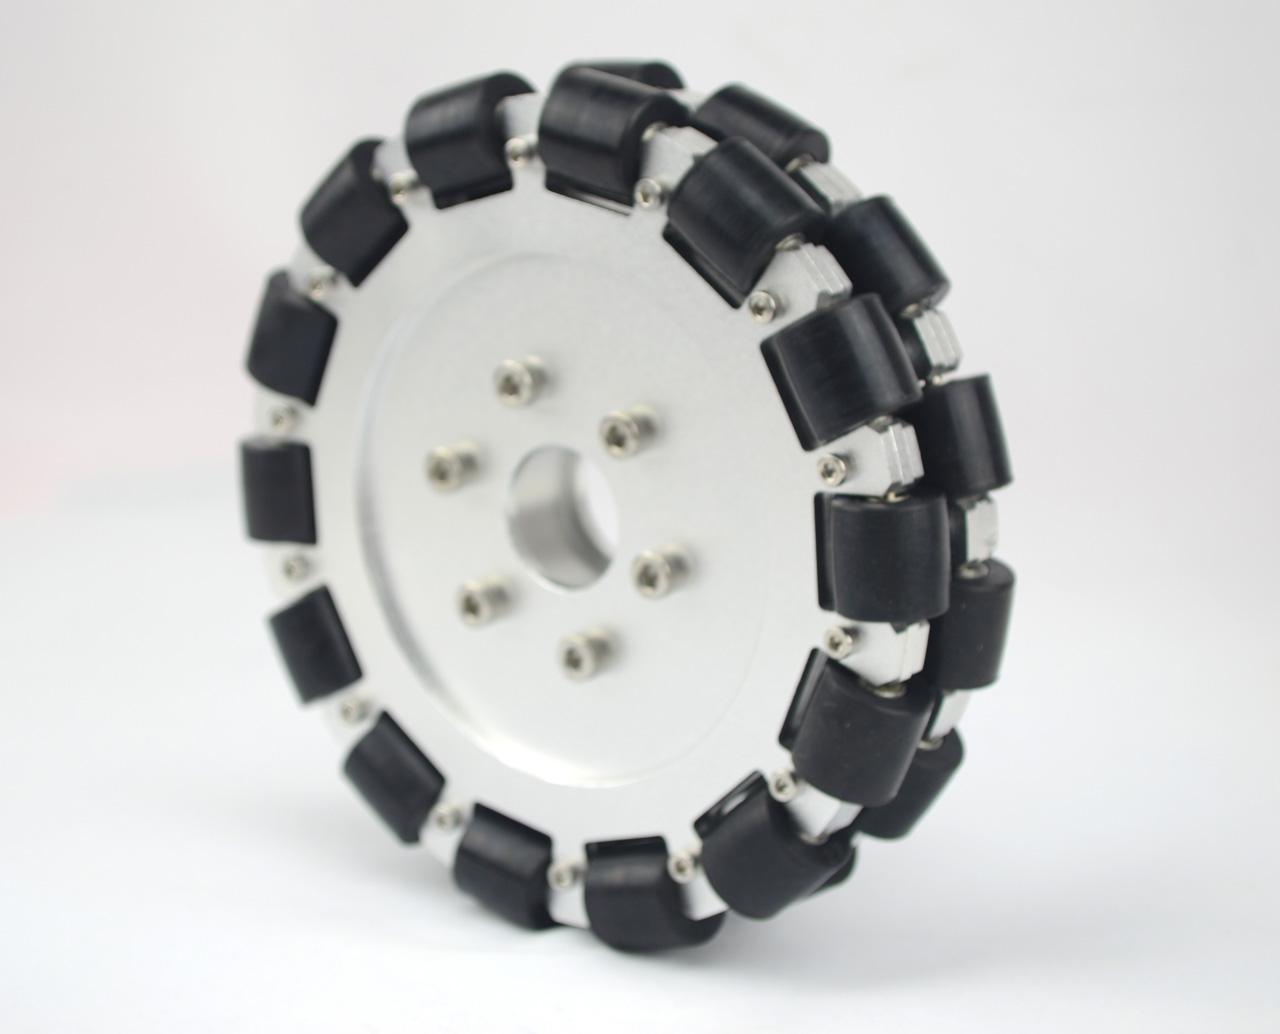 Omni (bearing type rollers)